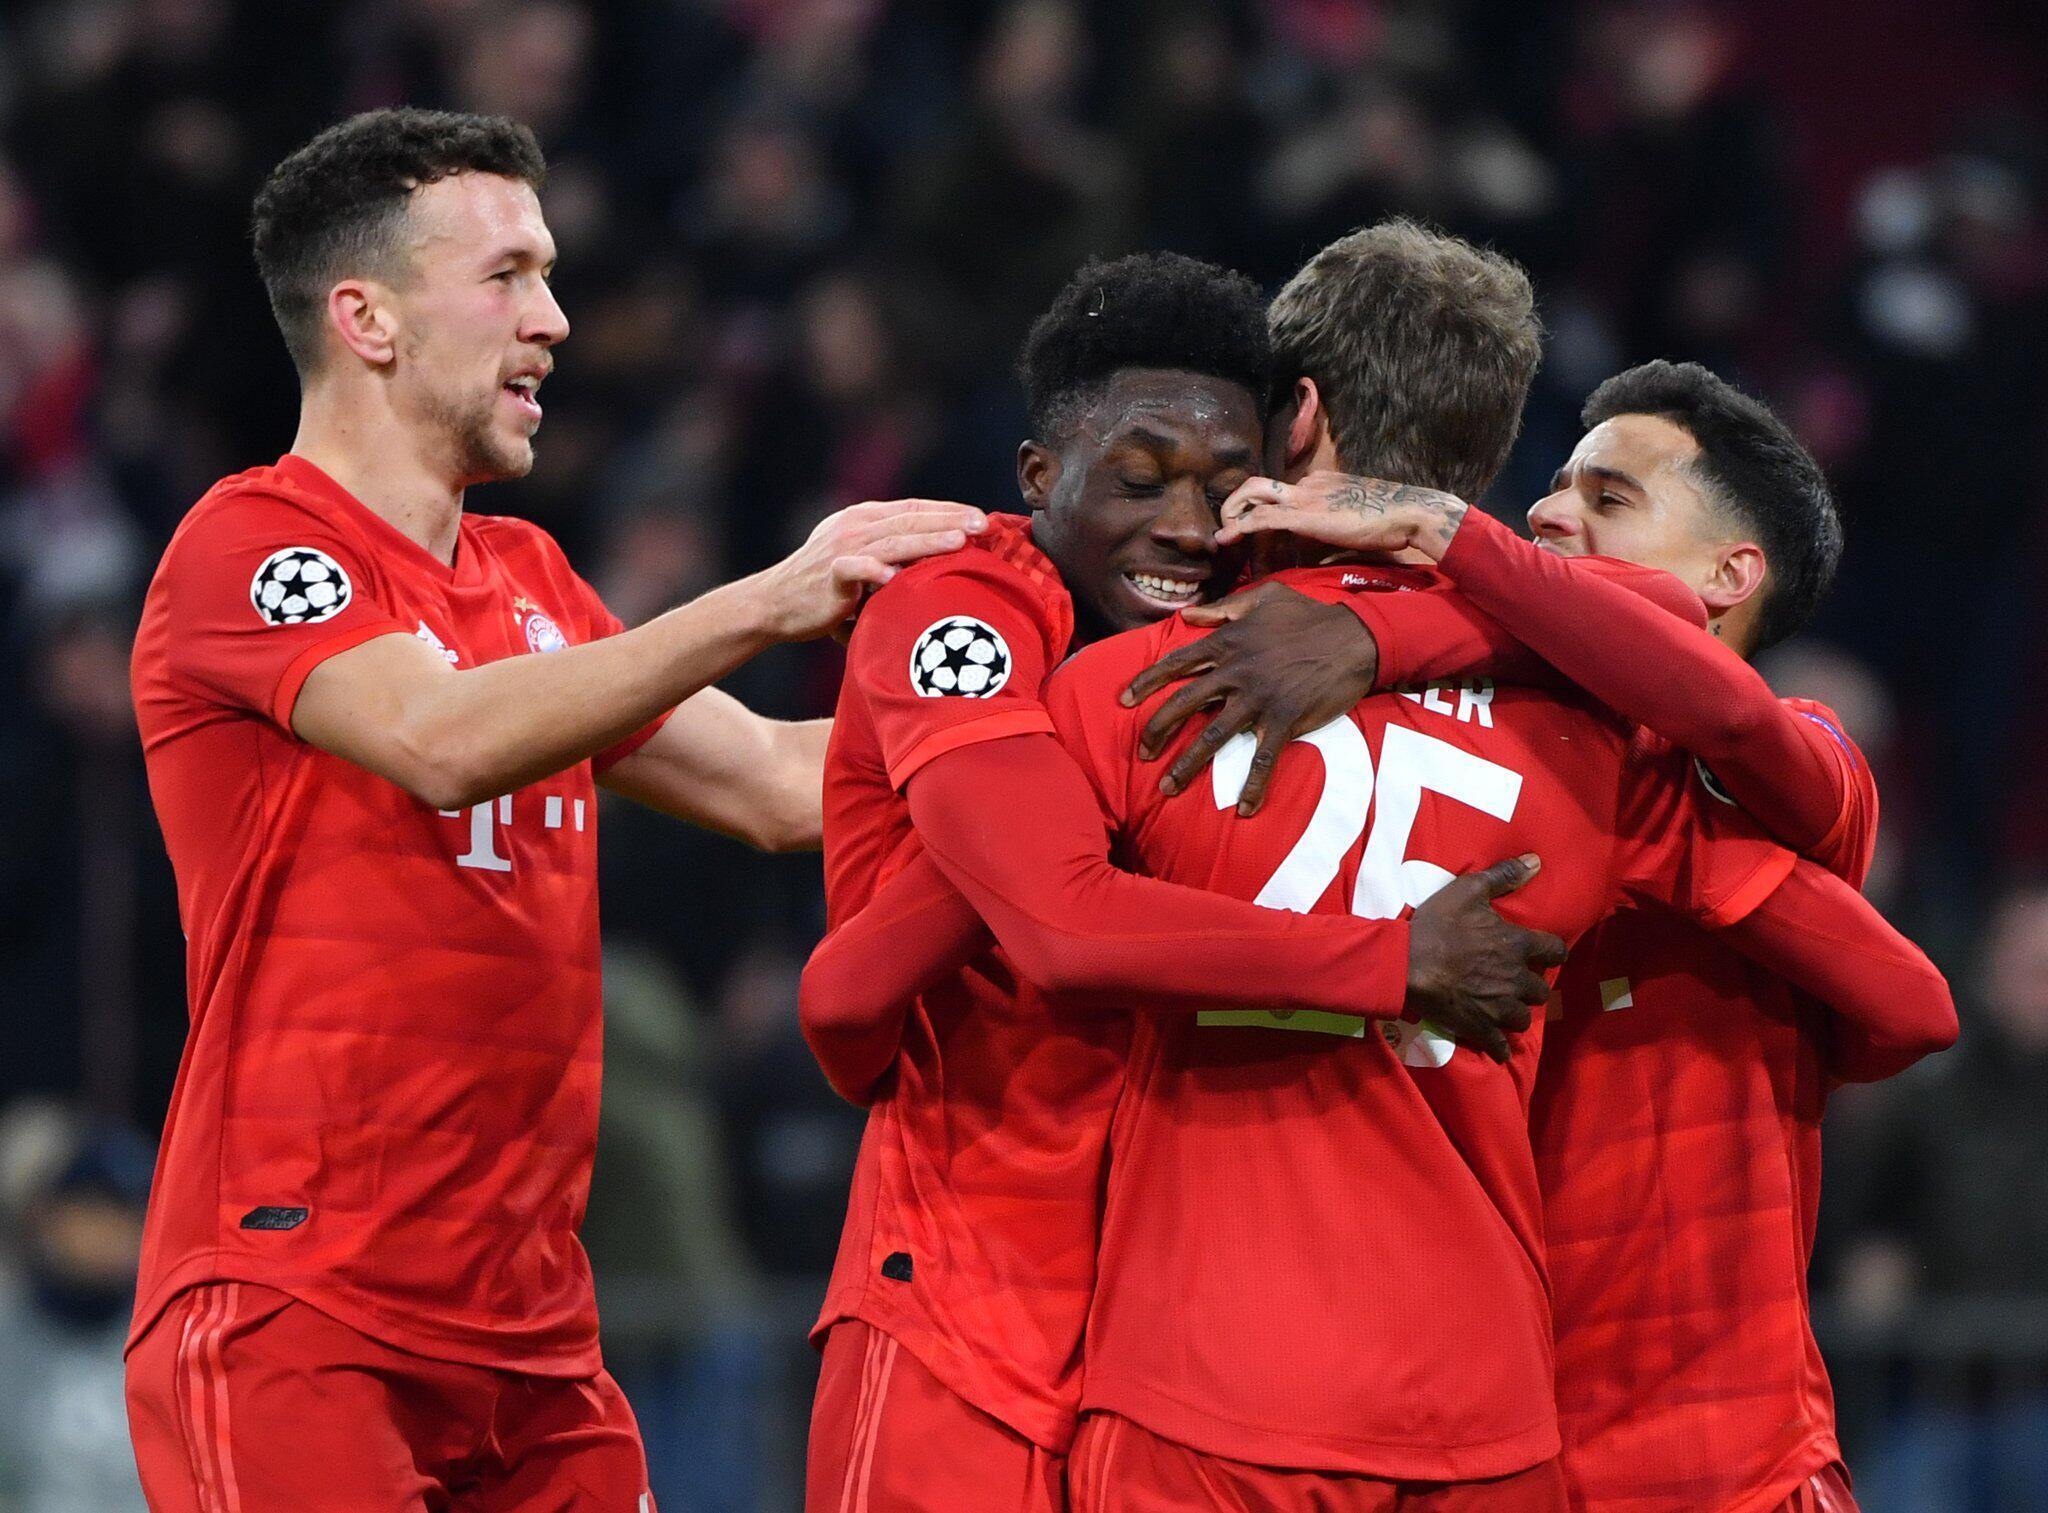 Bild zu UEFA Champions League - FC Bayern Munich vs Tottenham Hotspur